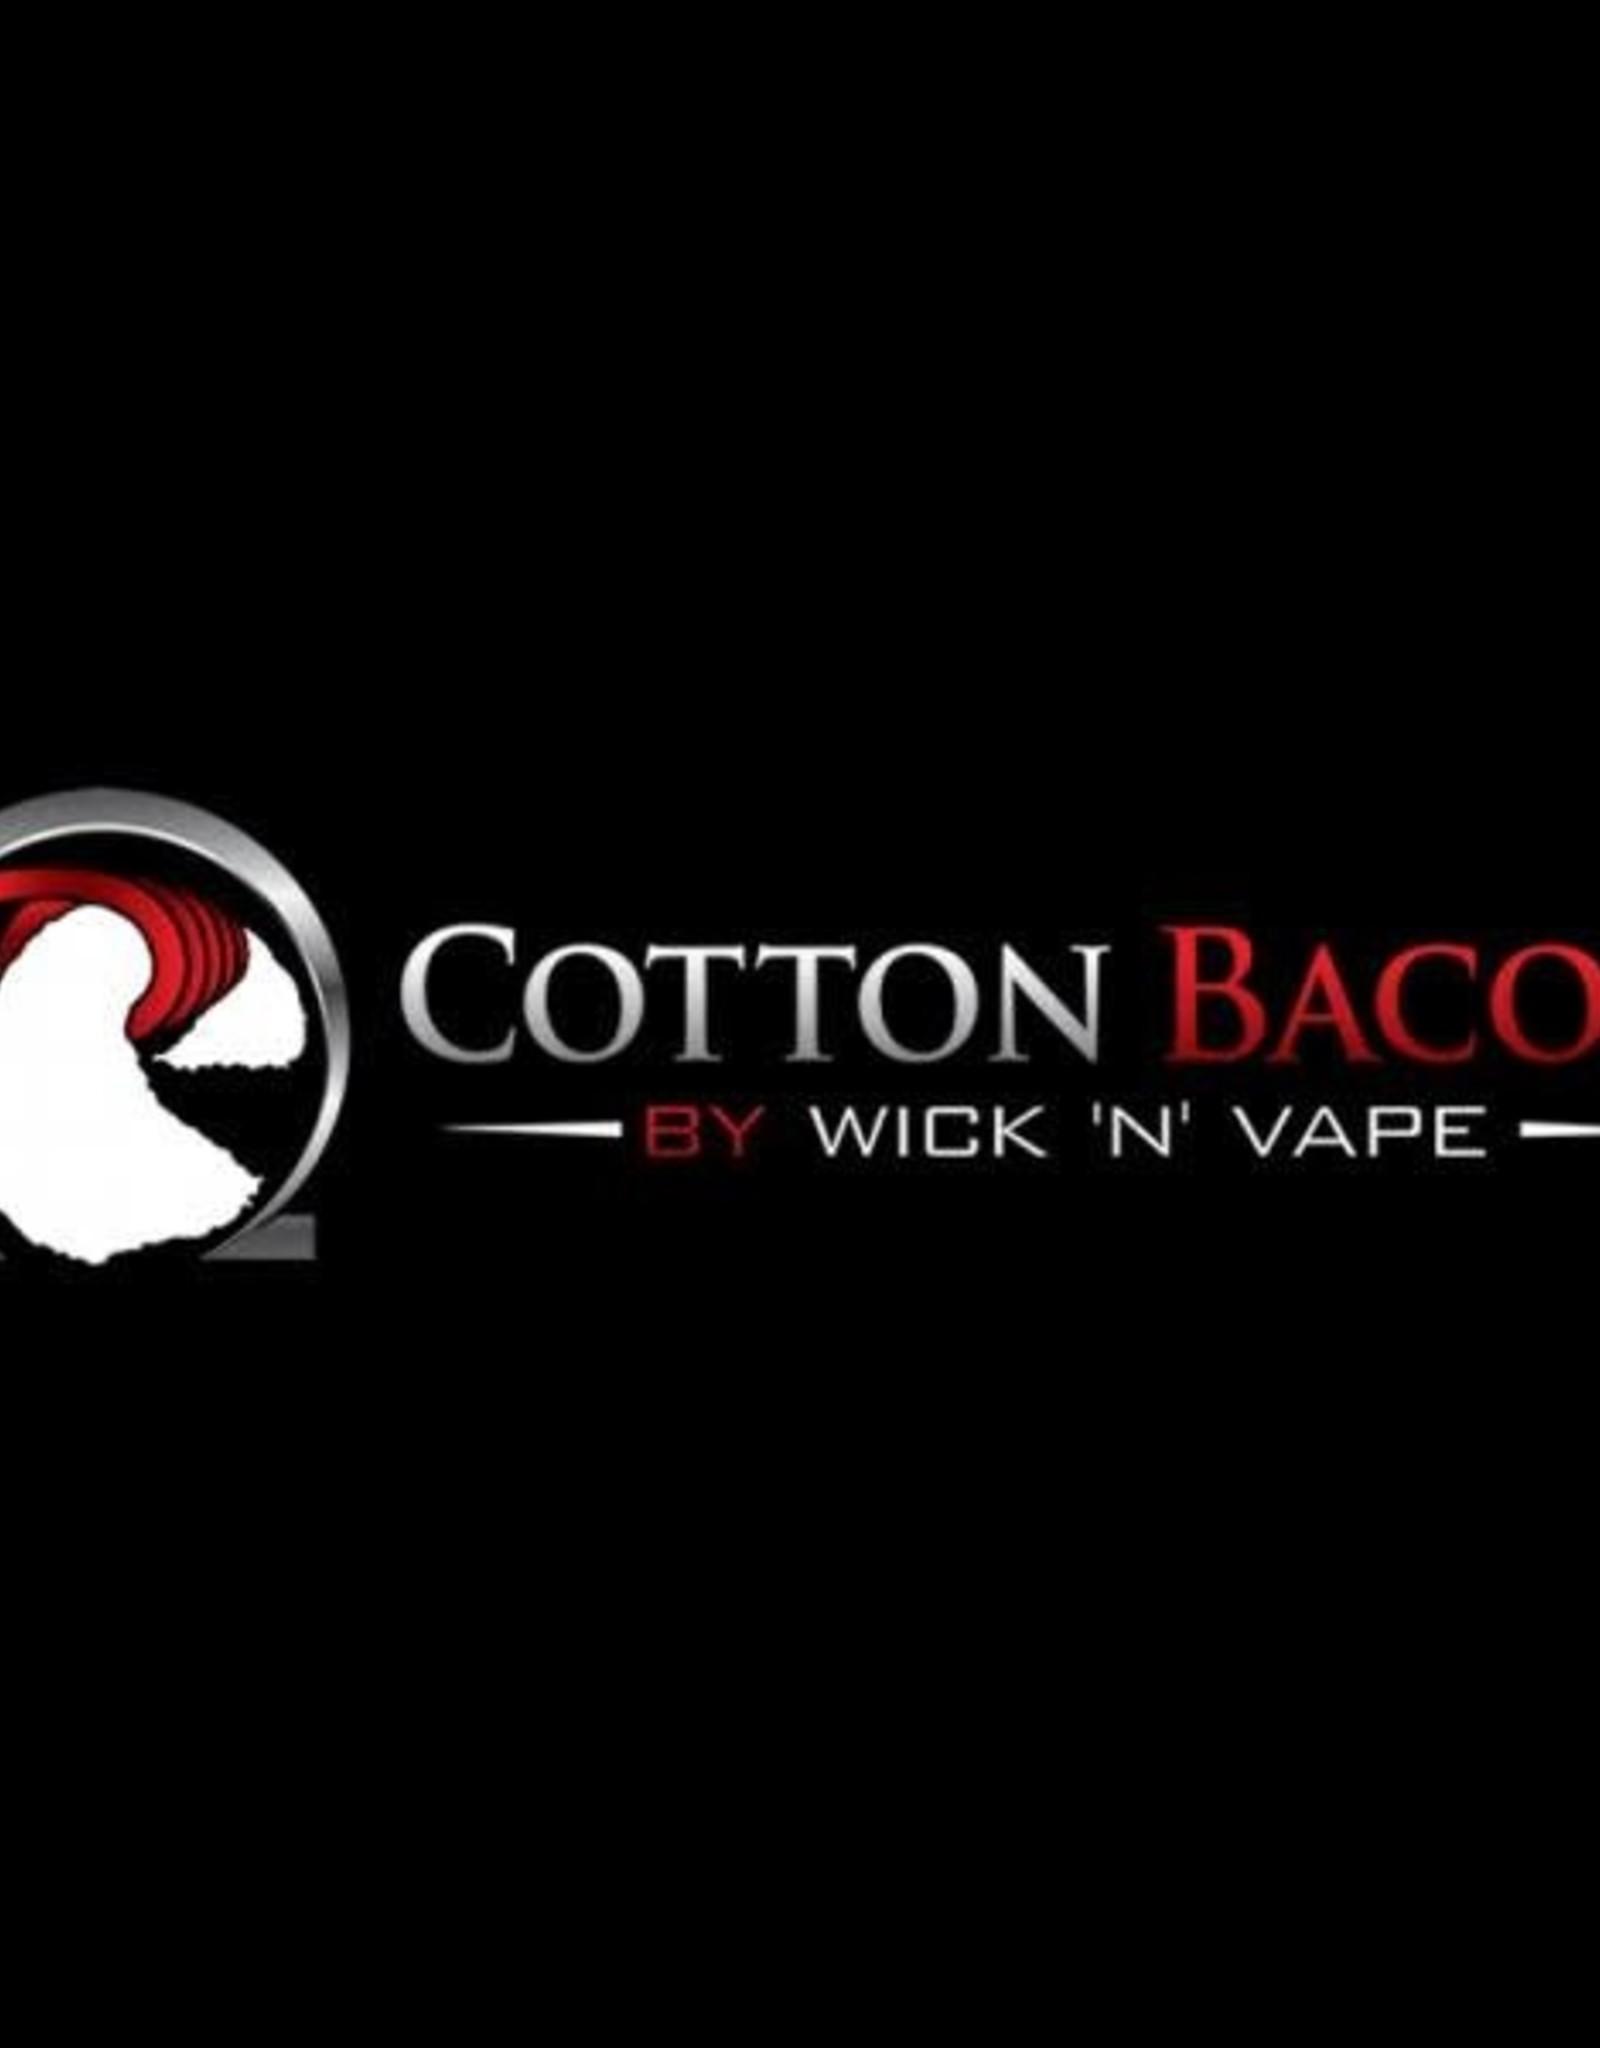 CottonBacon Cotton Bacon